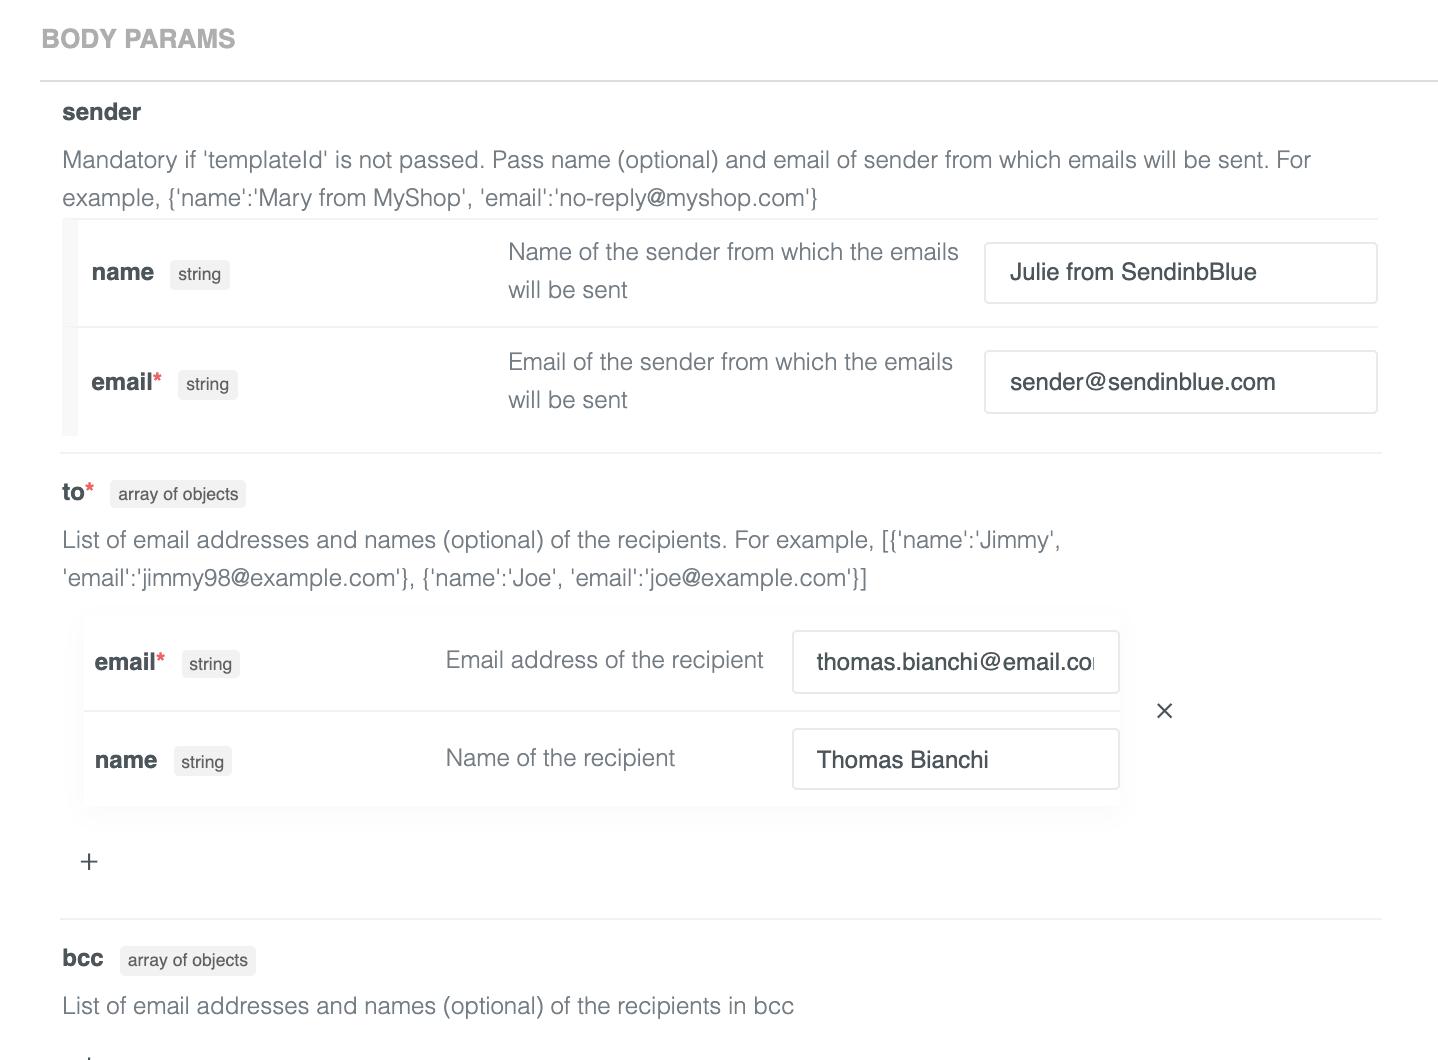 Sendinblue API body parameters to send a transactional email